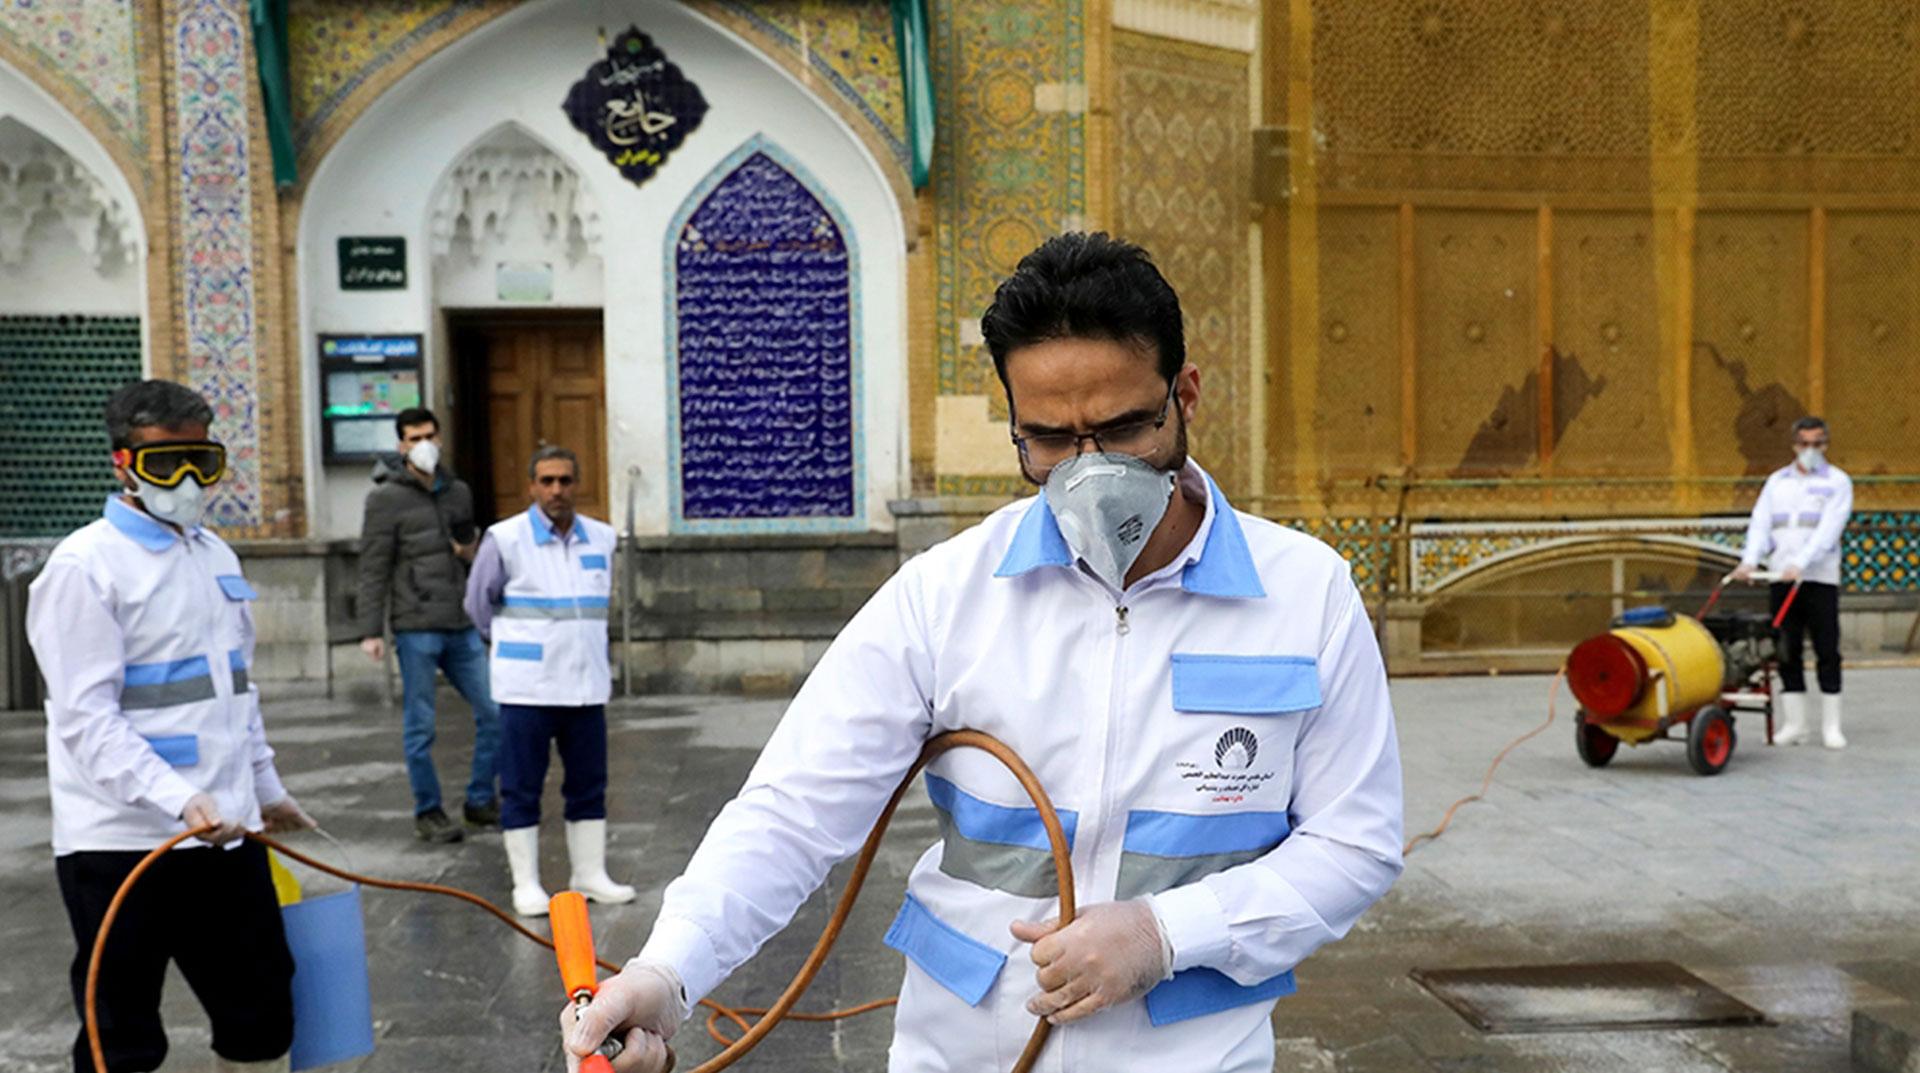 Son Dakika! İran'da Ölü Sayısı Artıyor